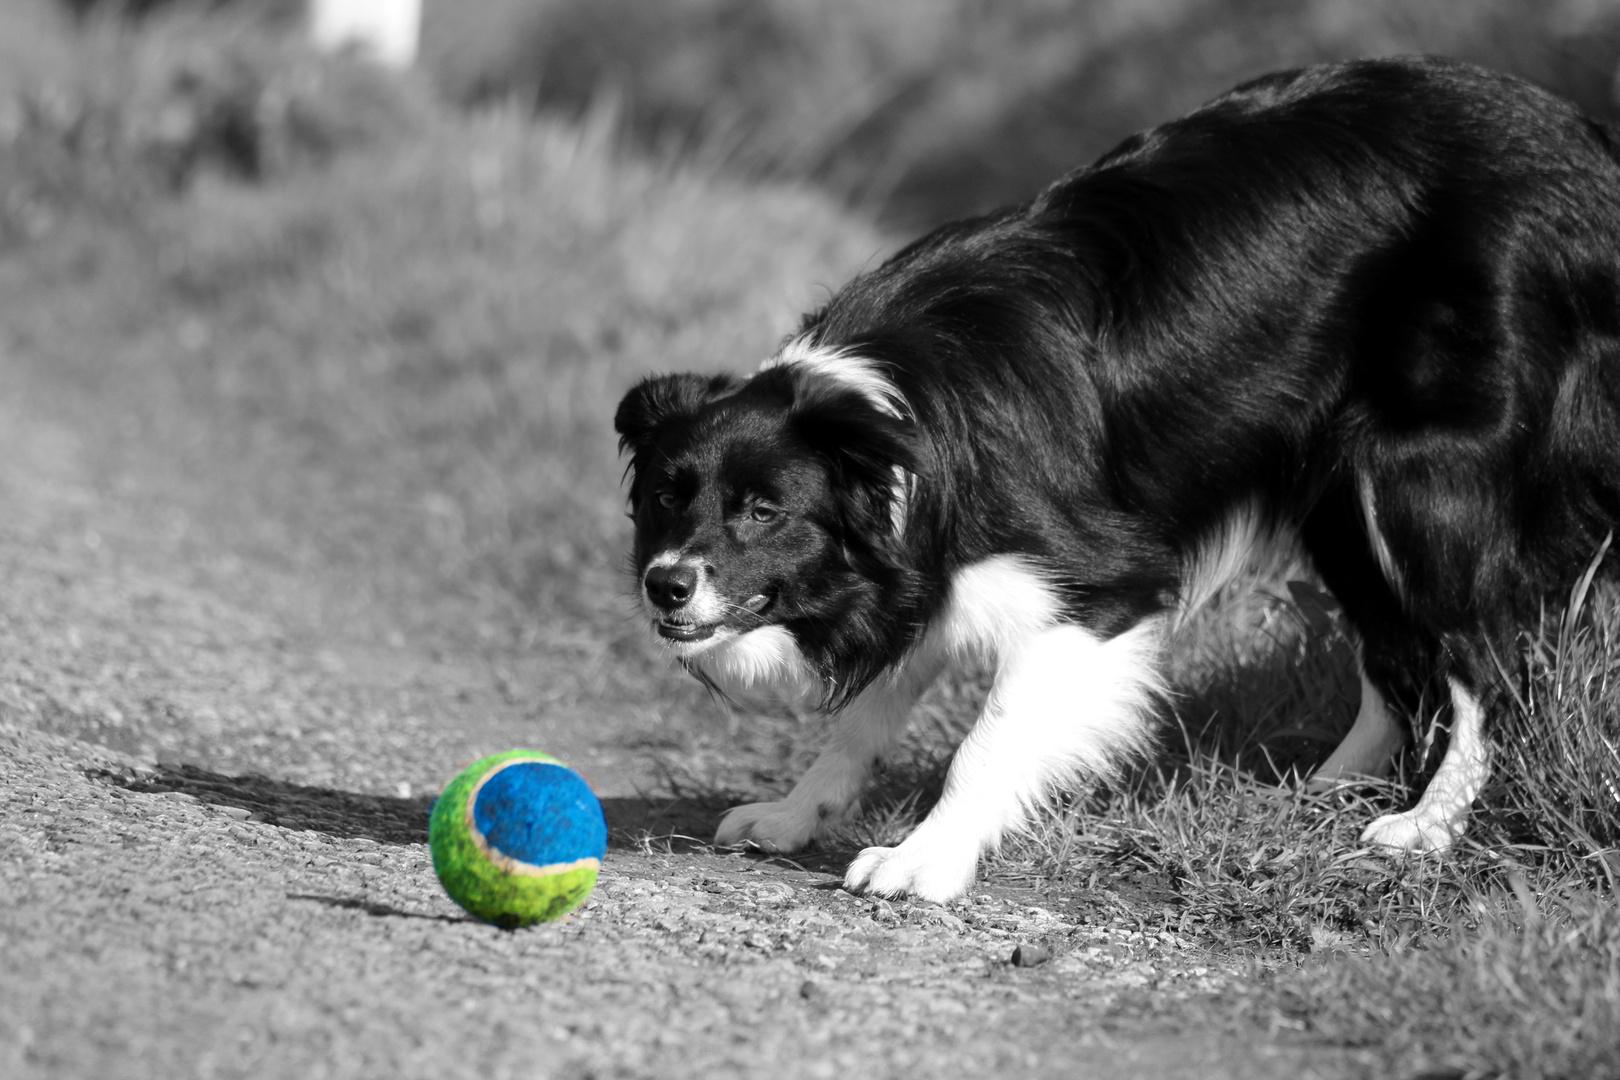 Amy und ihr Ball